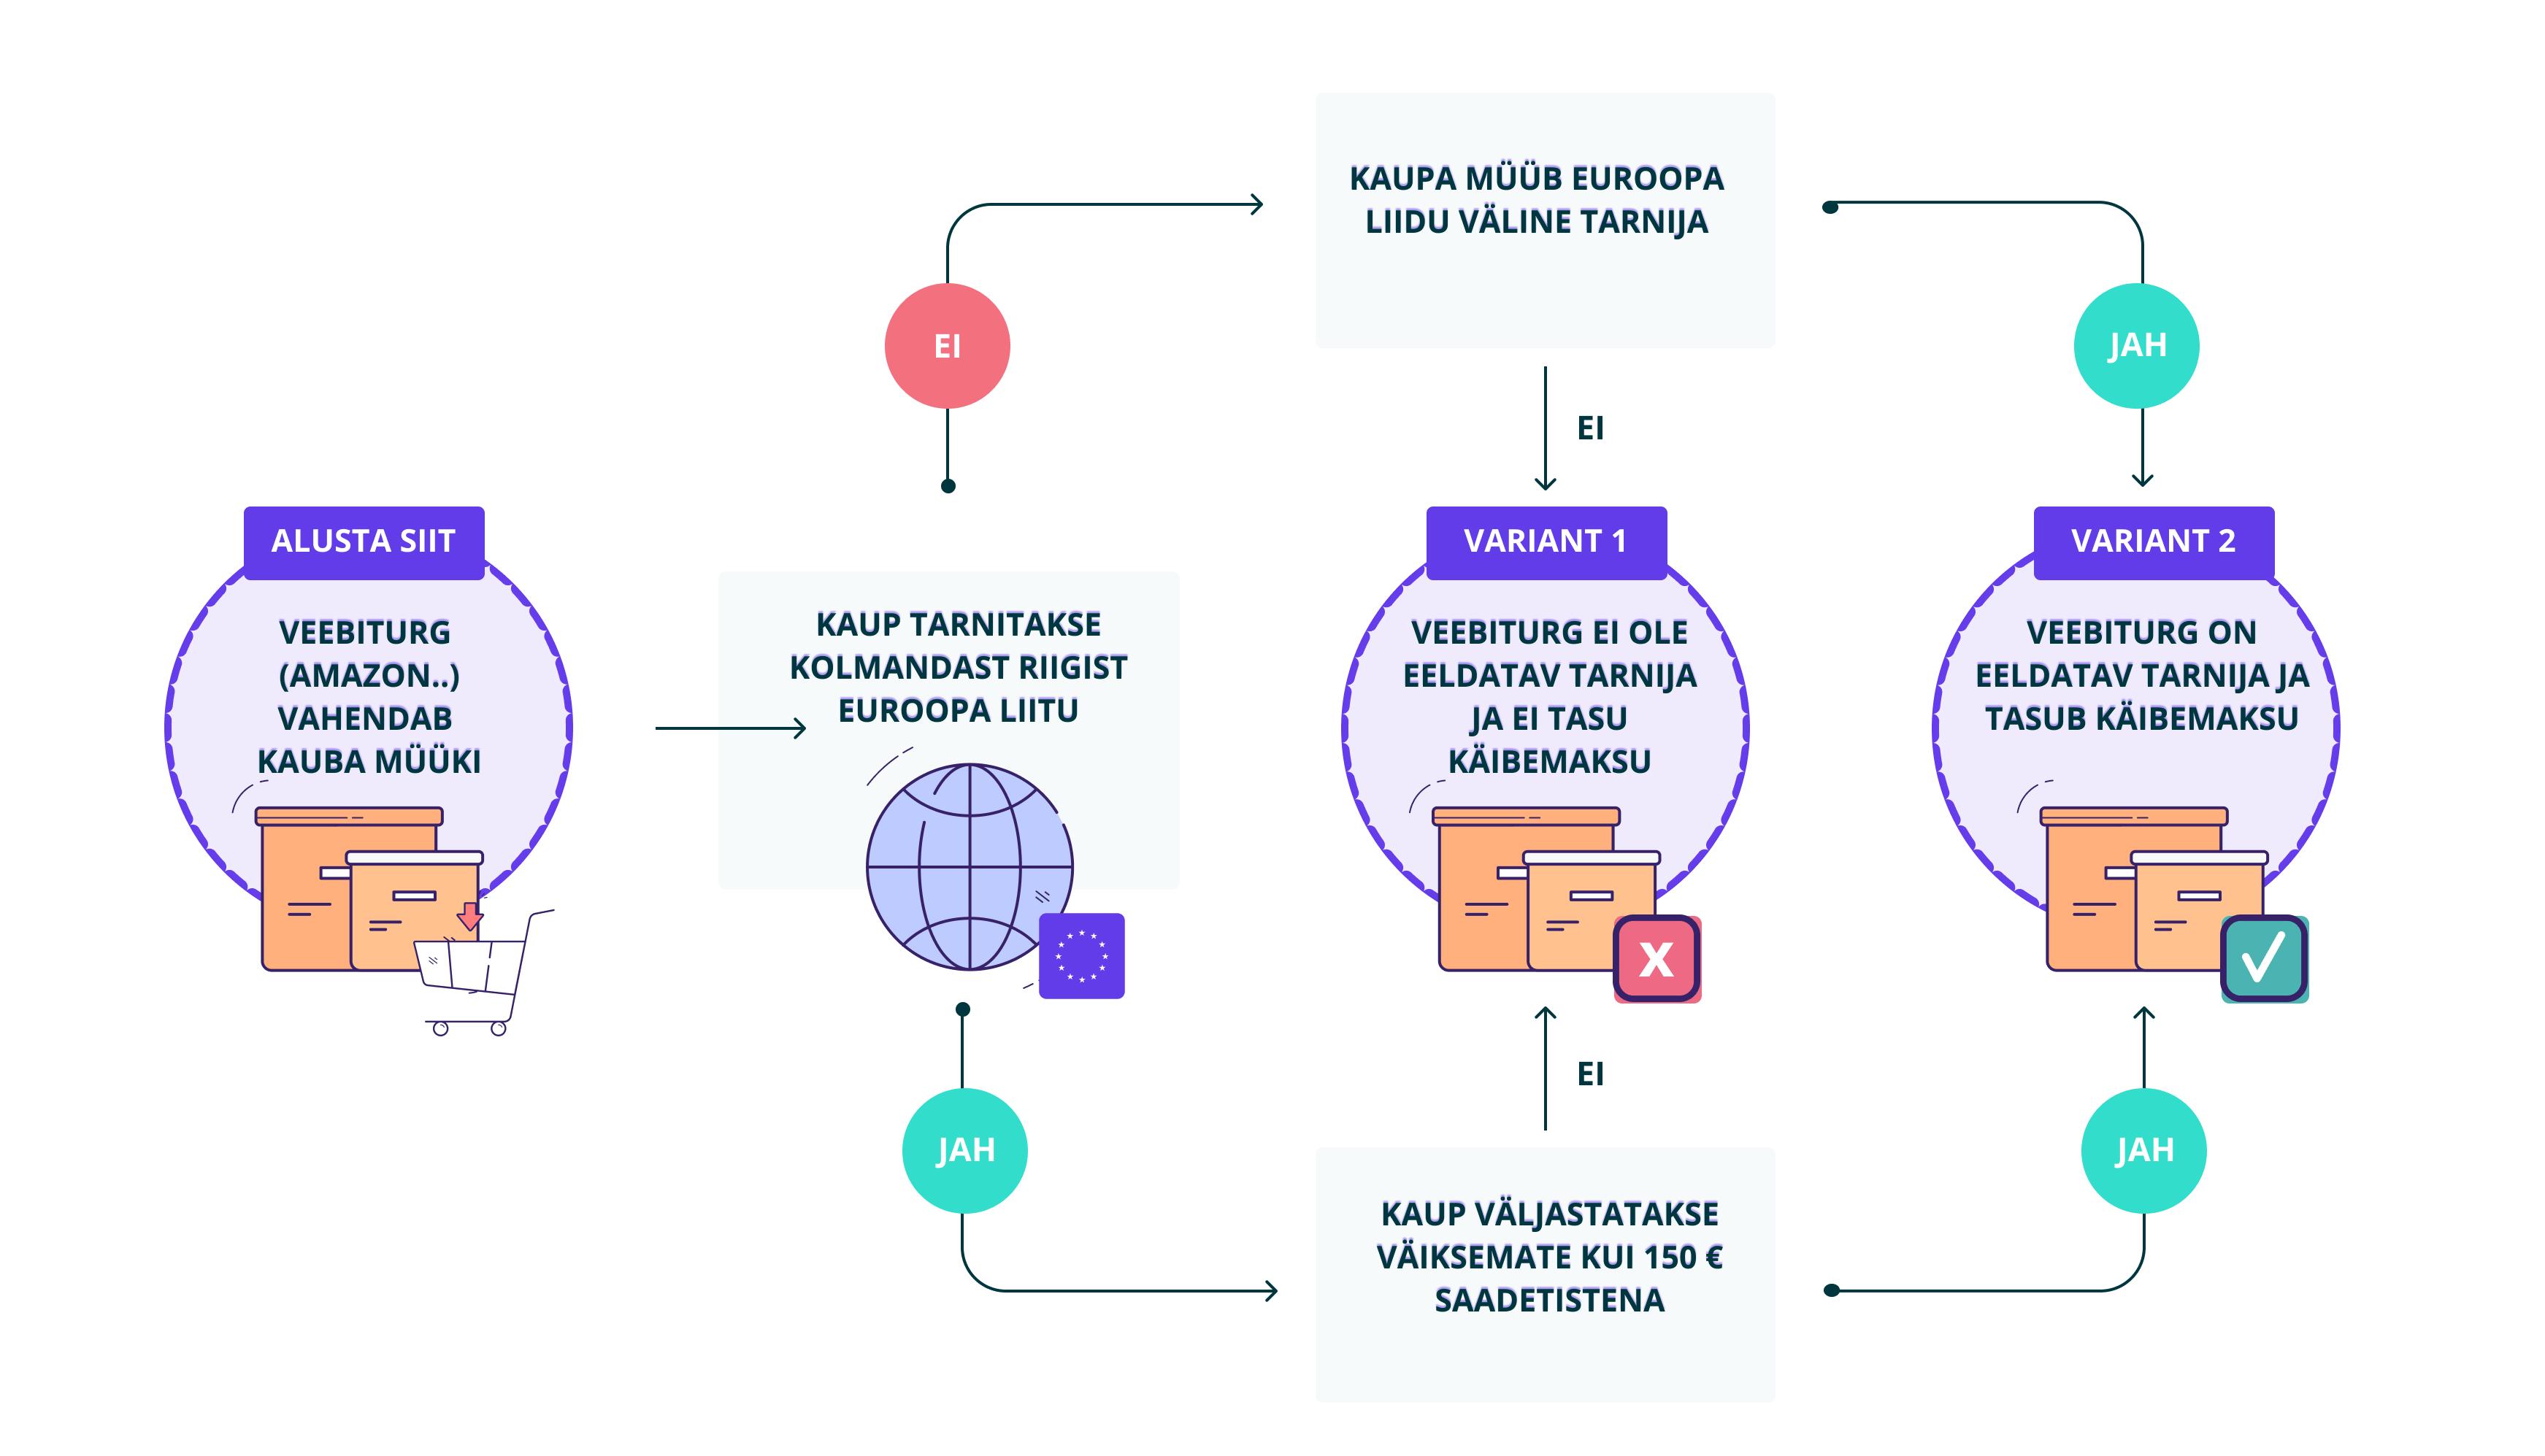 Käibemaksu deklareerimine e-poodidele: selgitav infograafik dropshippijale ja importijale